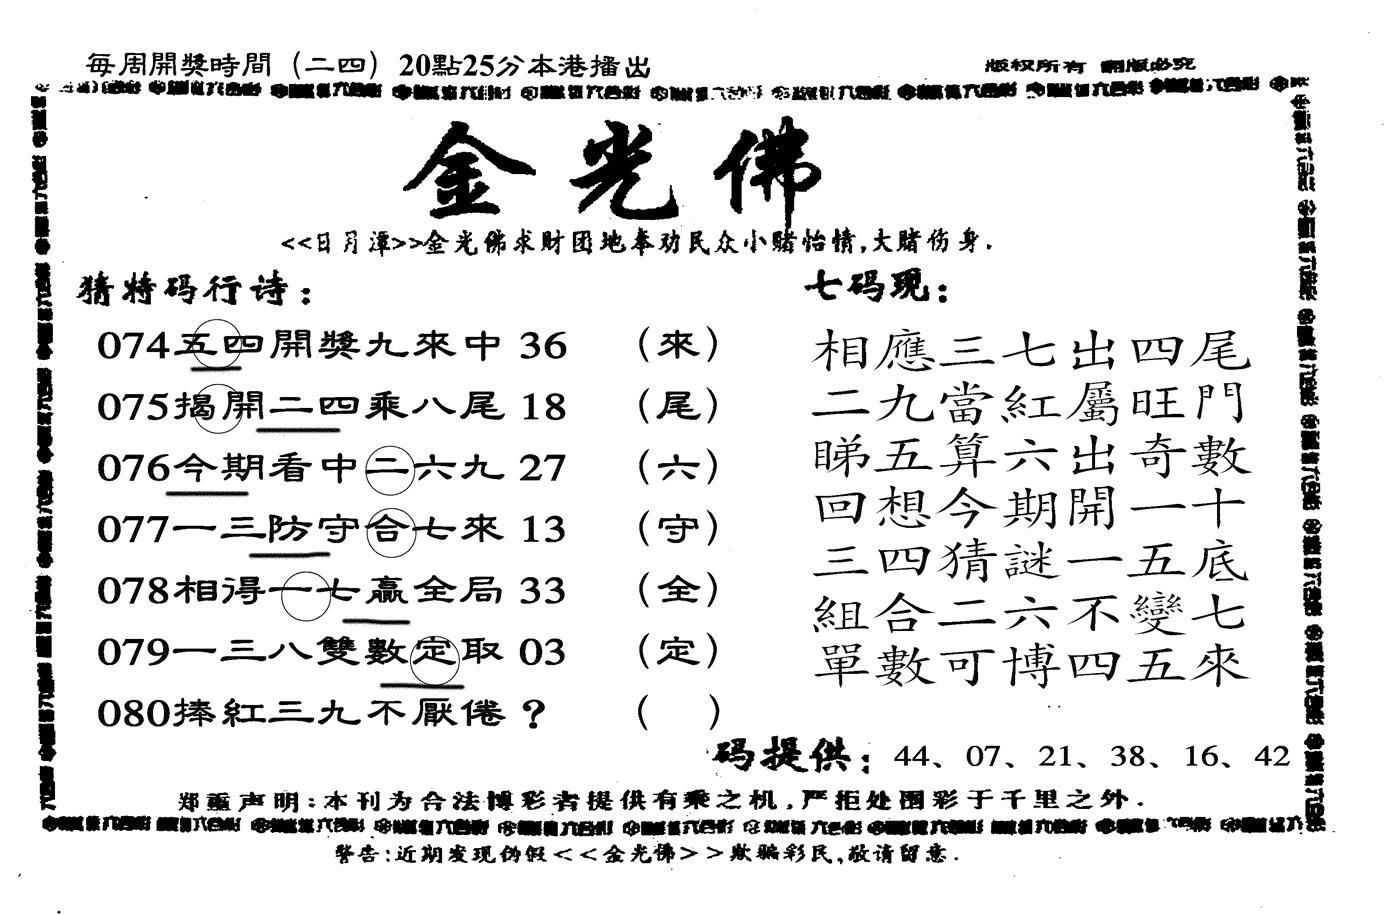 080期新金光佛(黑白)